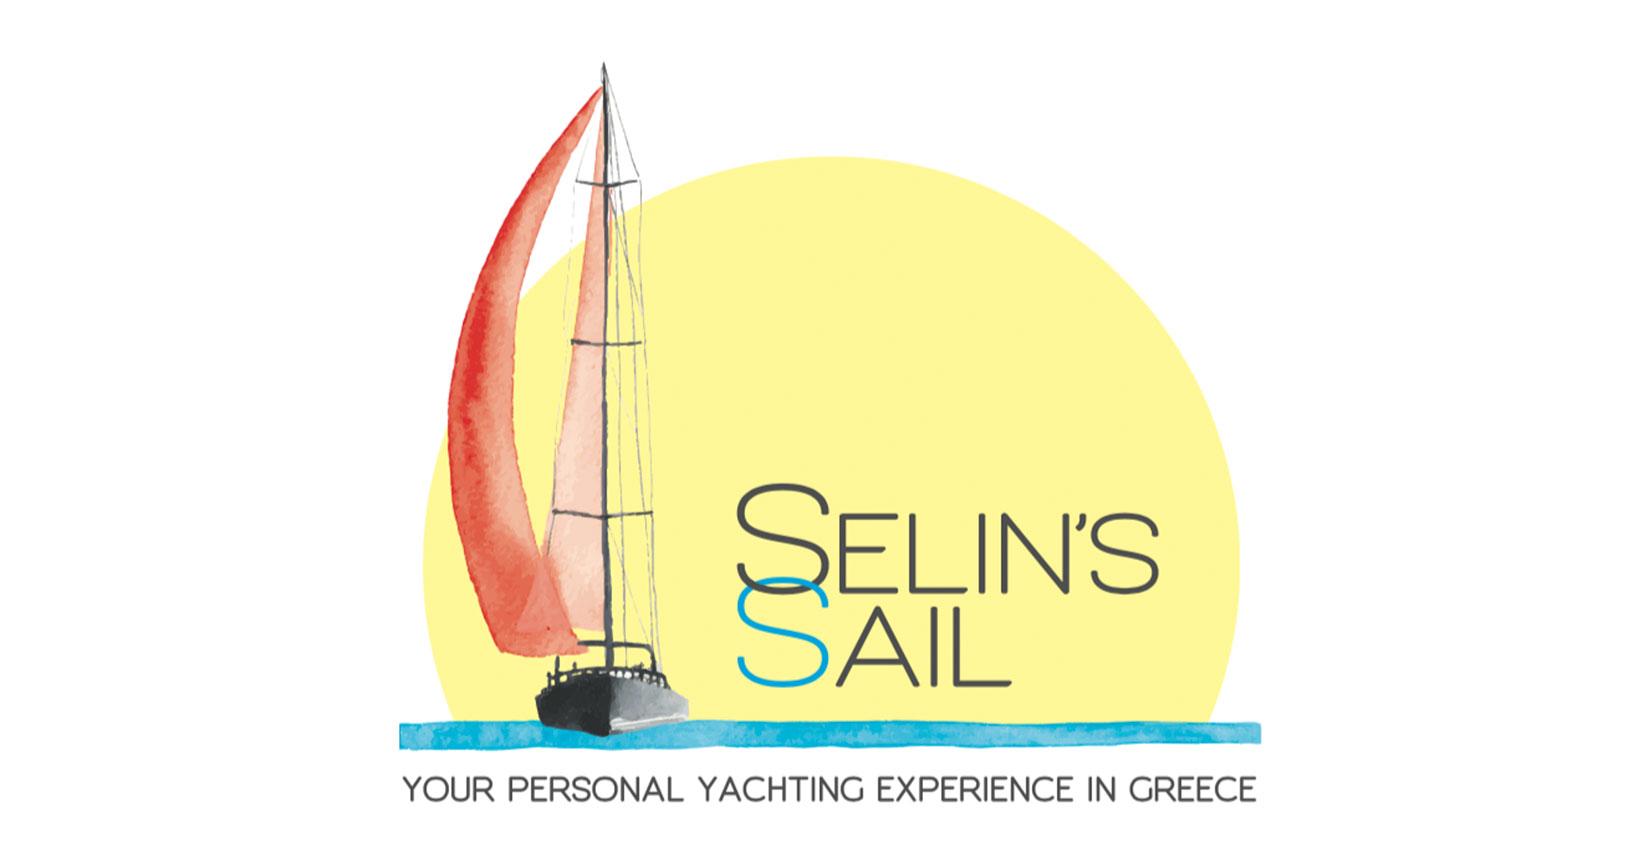 Diseño logo: creación del logo de Selin's Sail sailwithselin.com. Diseño Gráfico e Impresión: tarjetas, carteles, folletos.